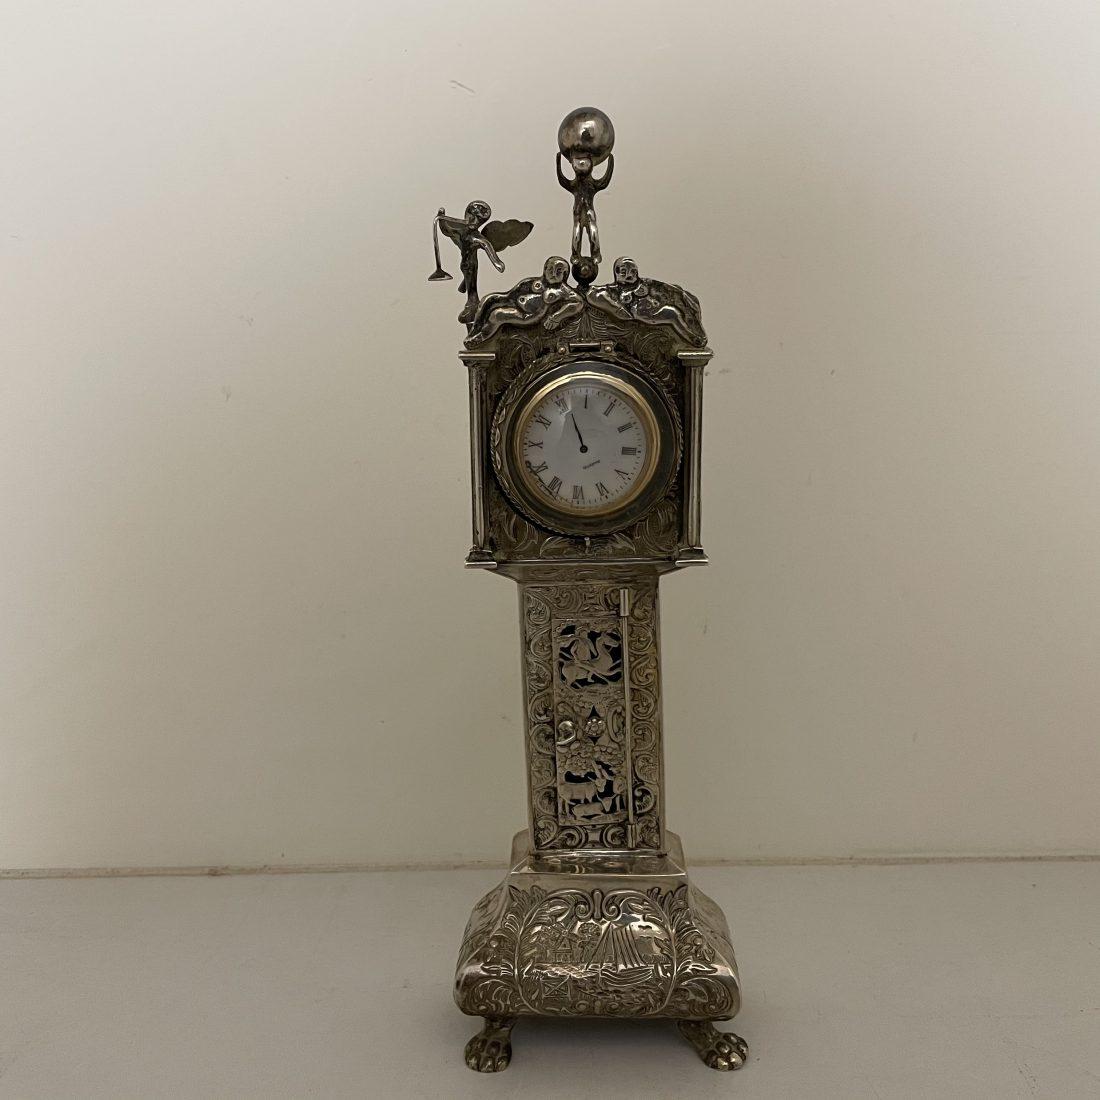 Miniatuur zilveren staand horloge, J. Verhoogt, Hoorn, 1916